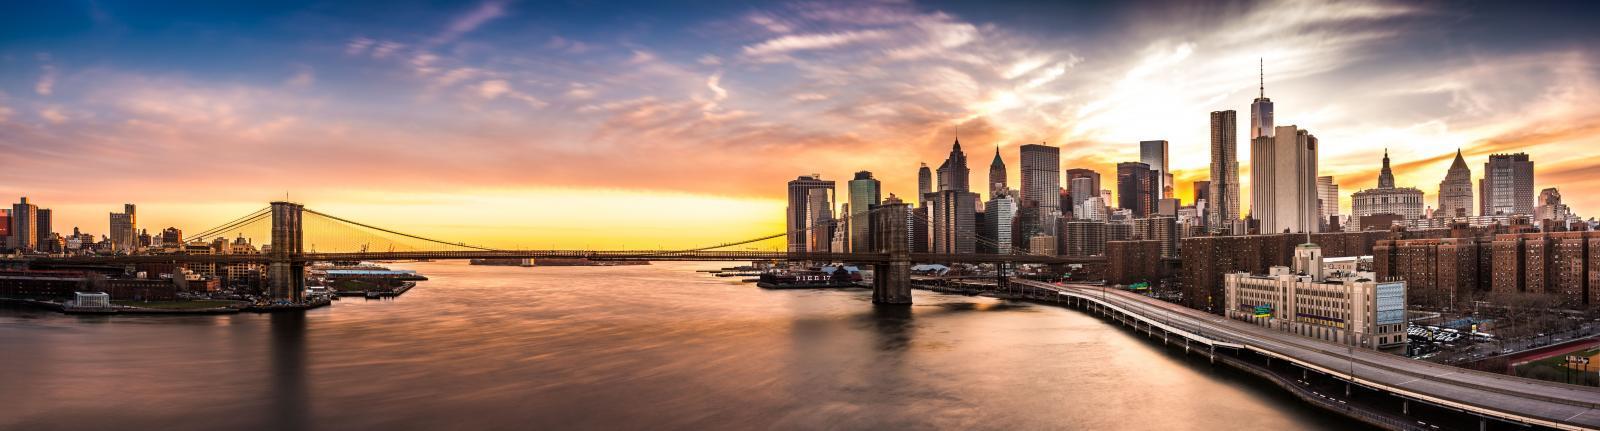 O que fazer em nova york em 3 dias